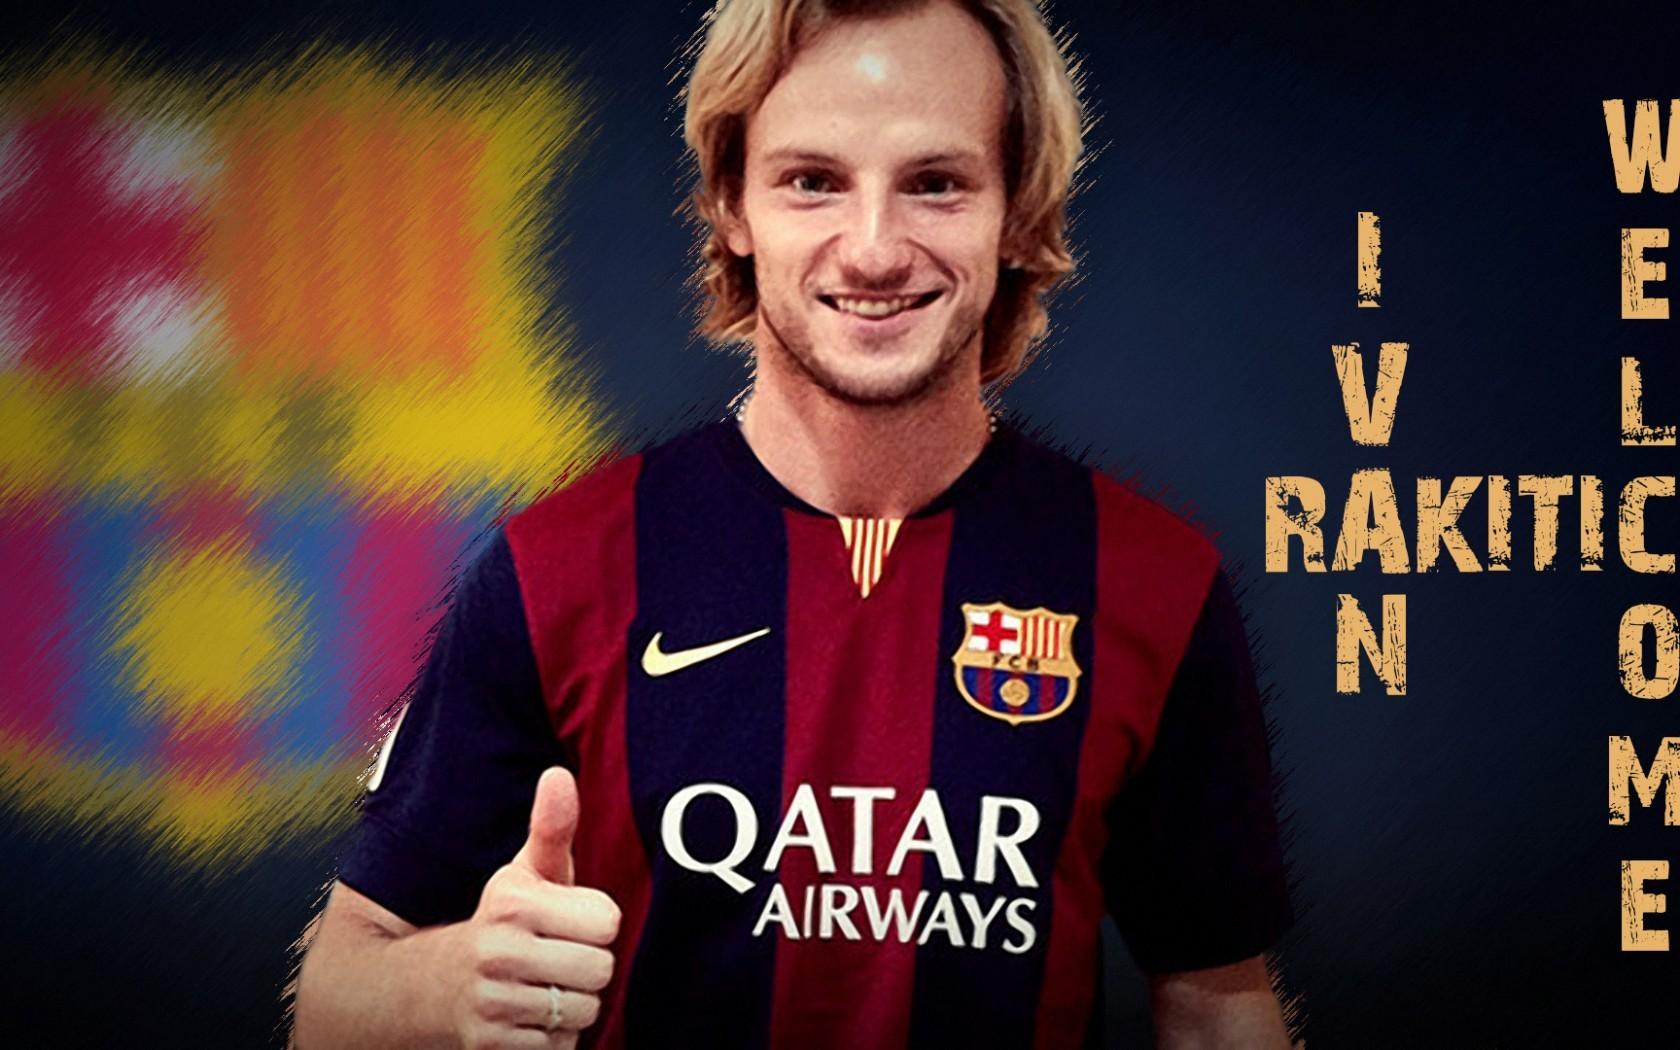 デスクトップ壁紙 人 サッカー選手 Fcバルセロナ プレーヤー